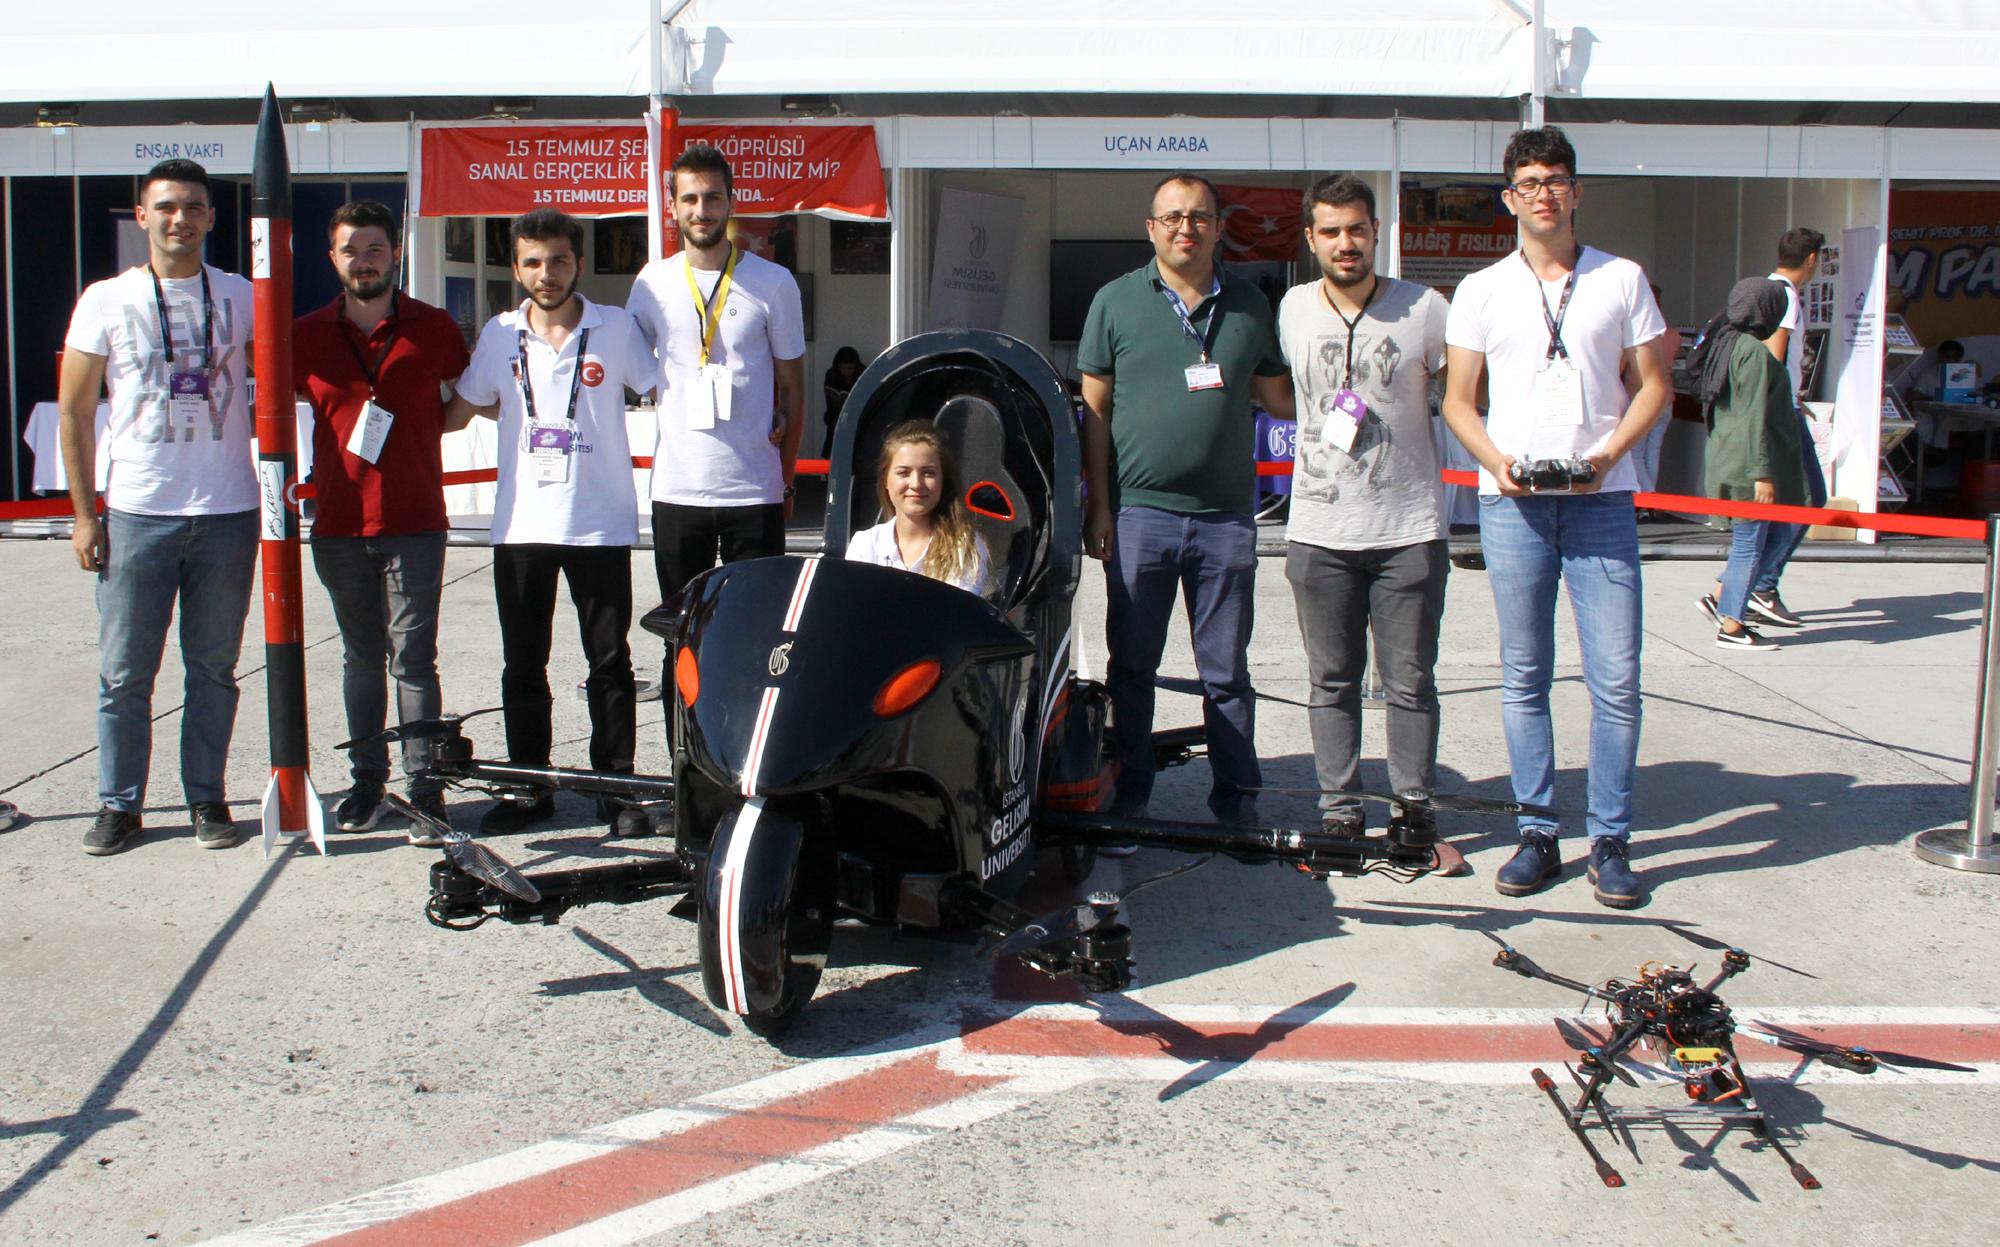 Üniversite mühendislerinin geliştirdiği yerli ve milli uçan araba 'Tusi'